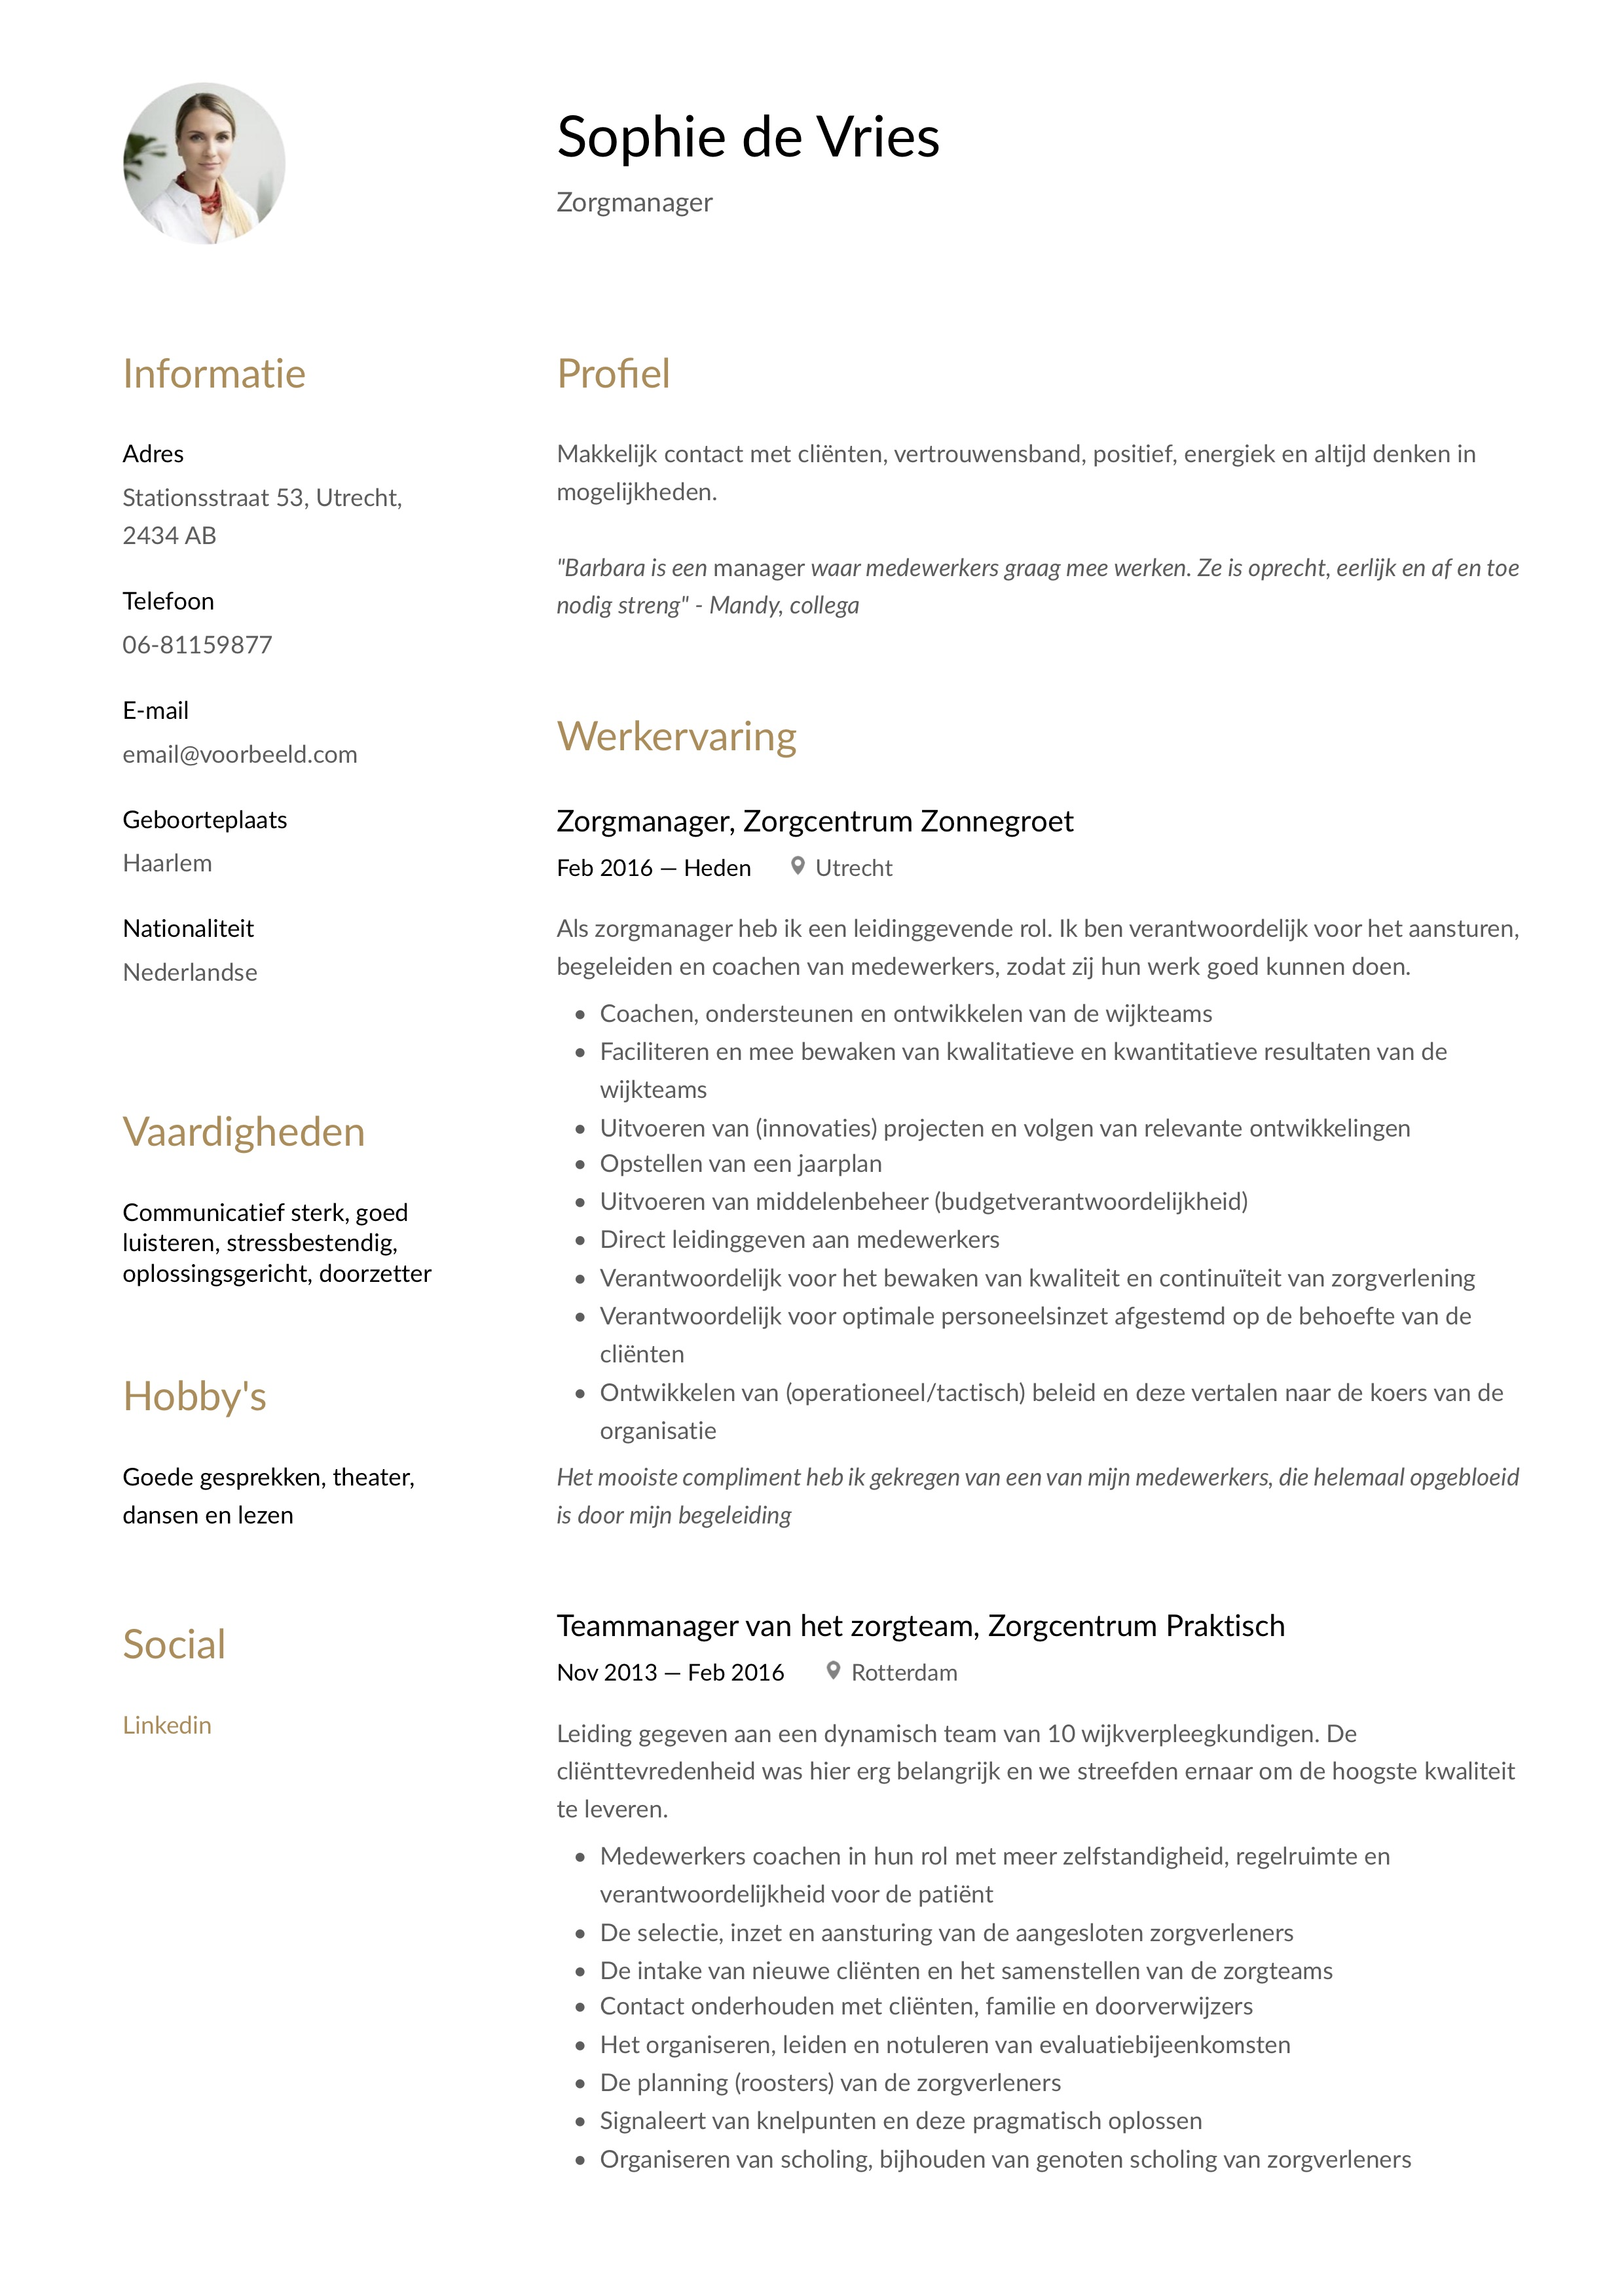 CV Voorbeeld Zorgmanager/ Zorgteamleider